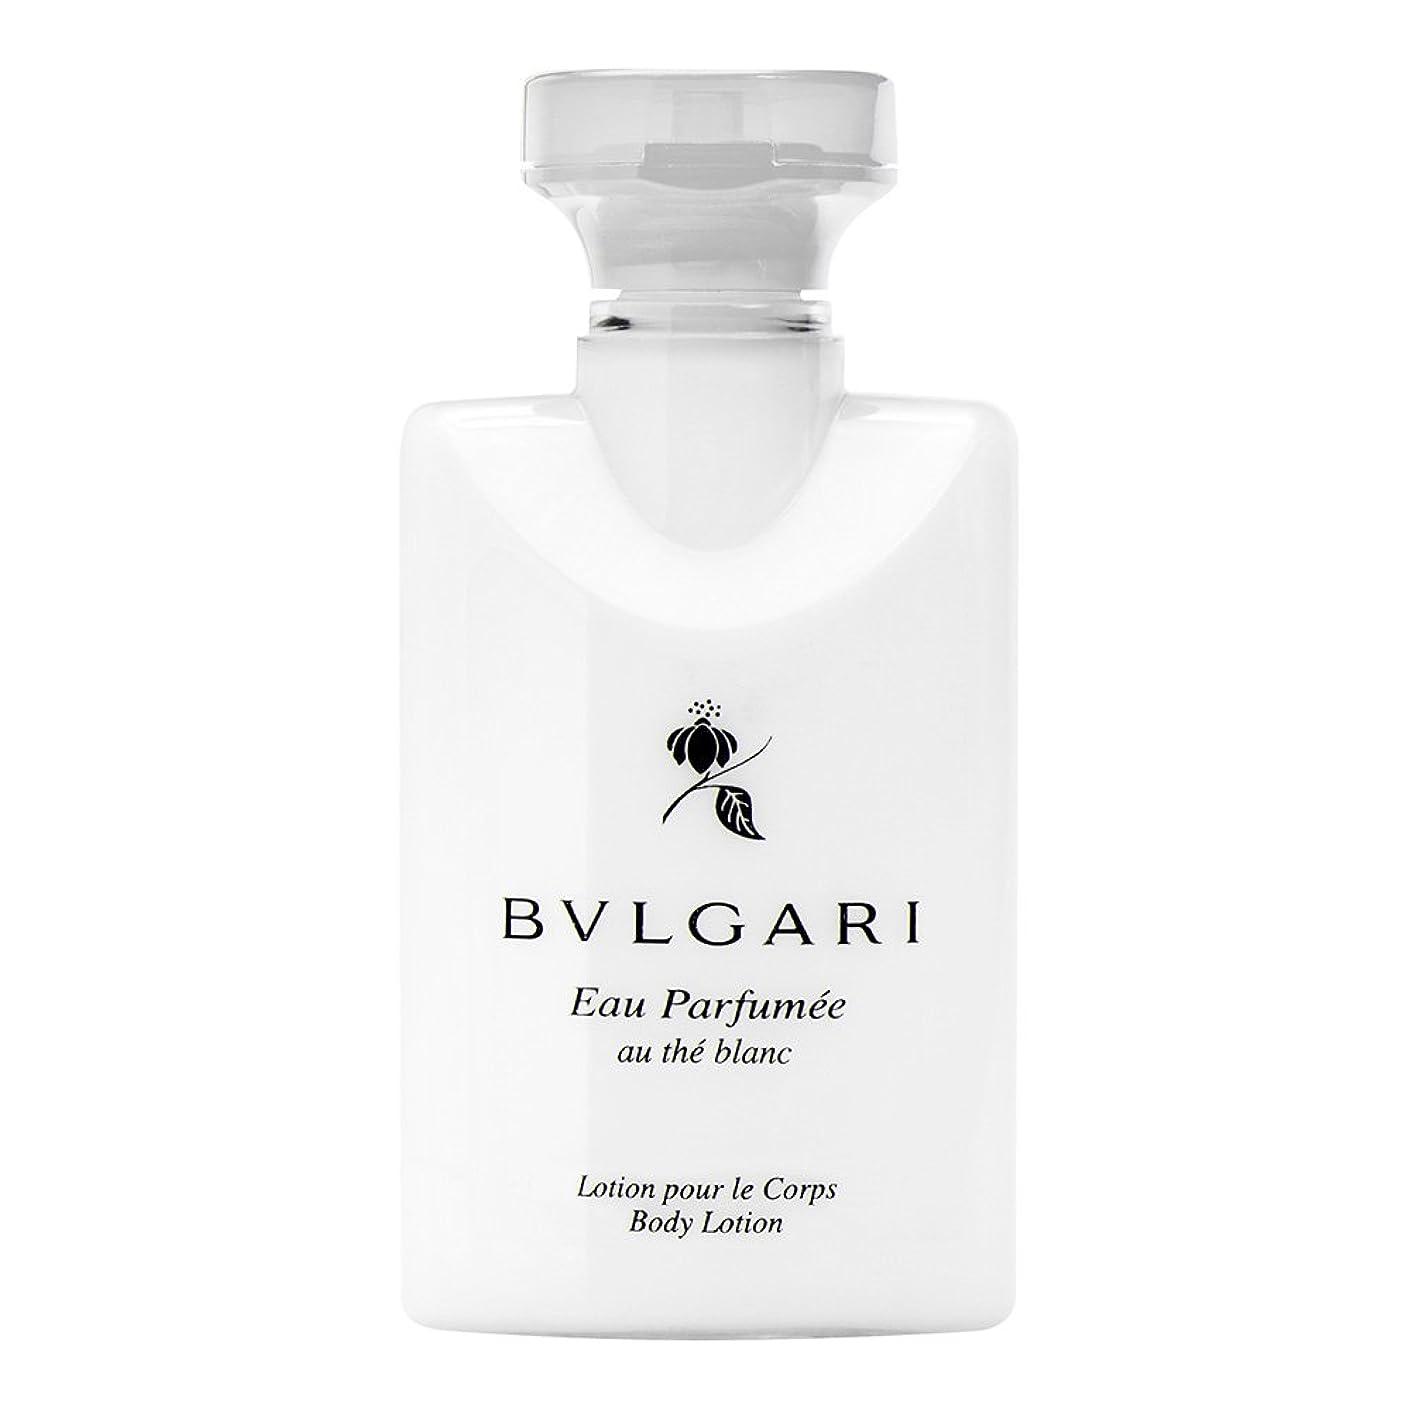 シプリー三祝福Bvlgari Eau Parfumee Au The Blanc (ブルガリ オー パフュ-メ オウ ブラン) 2.5 oz (75ml) Body Lotion ボディーローション